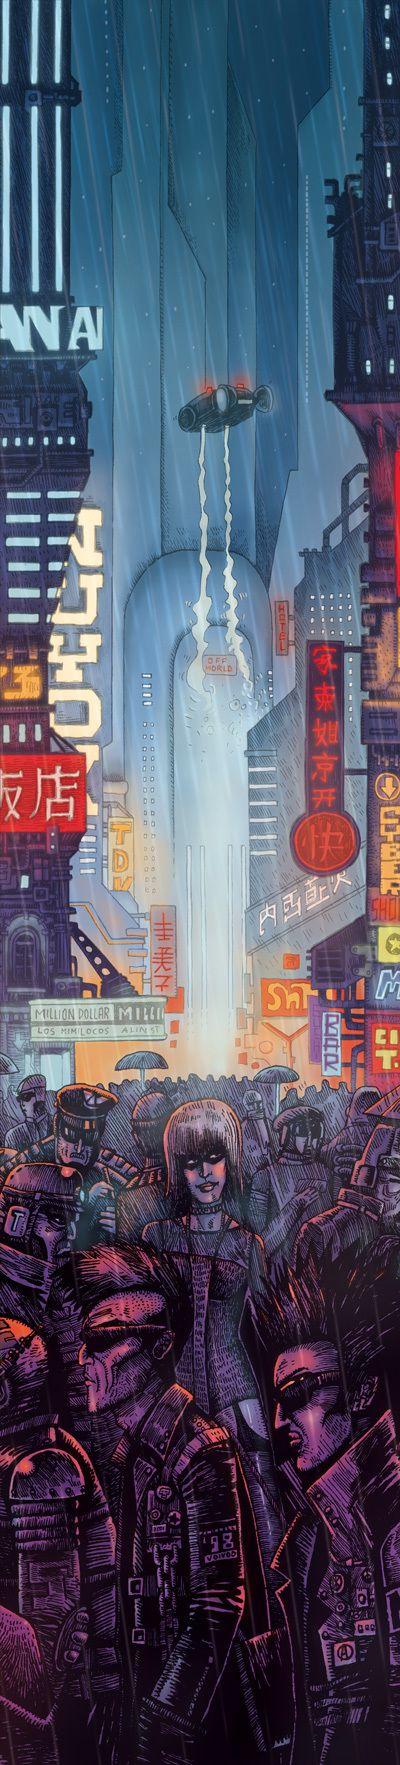 Blade Runner 2013                                                                                                                                                                                 More